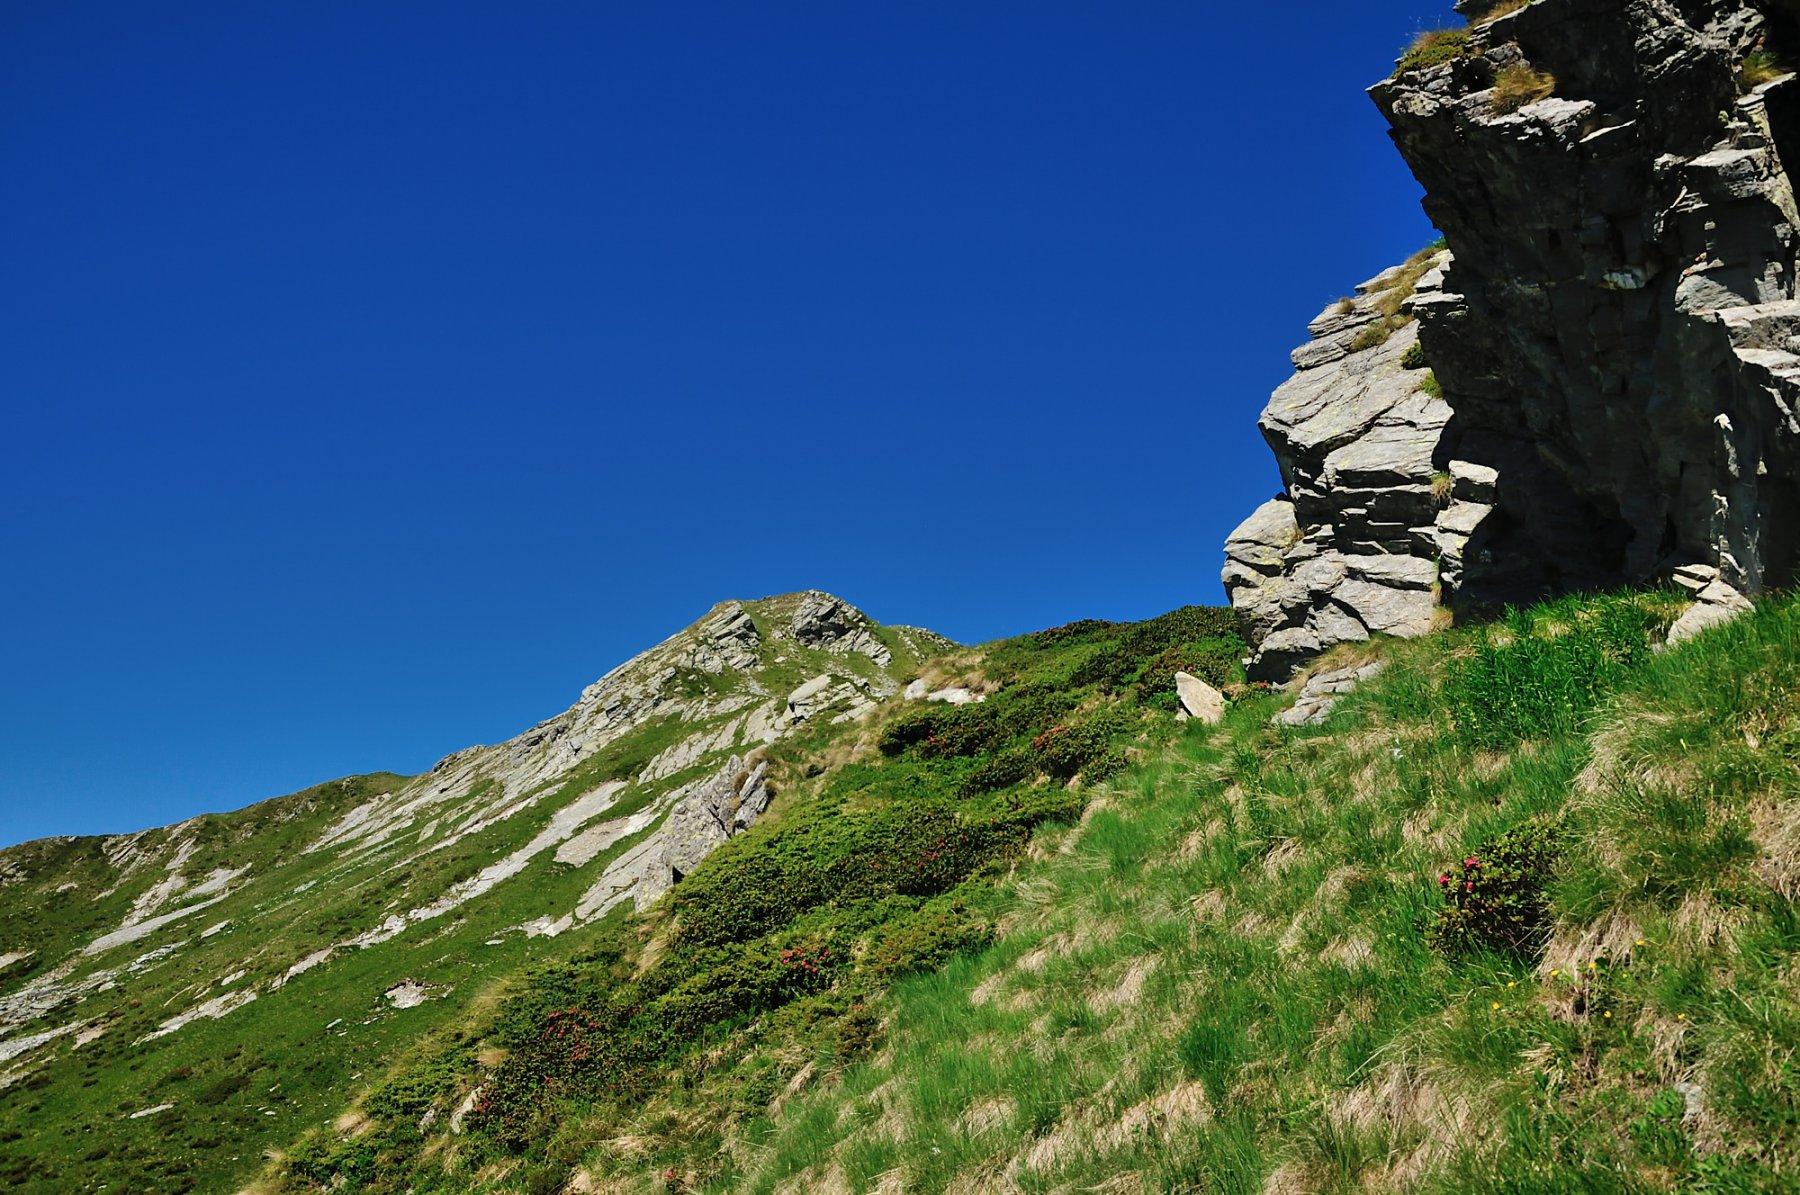 Ultime rocce prima di uscire in cresta